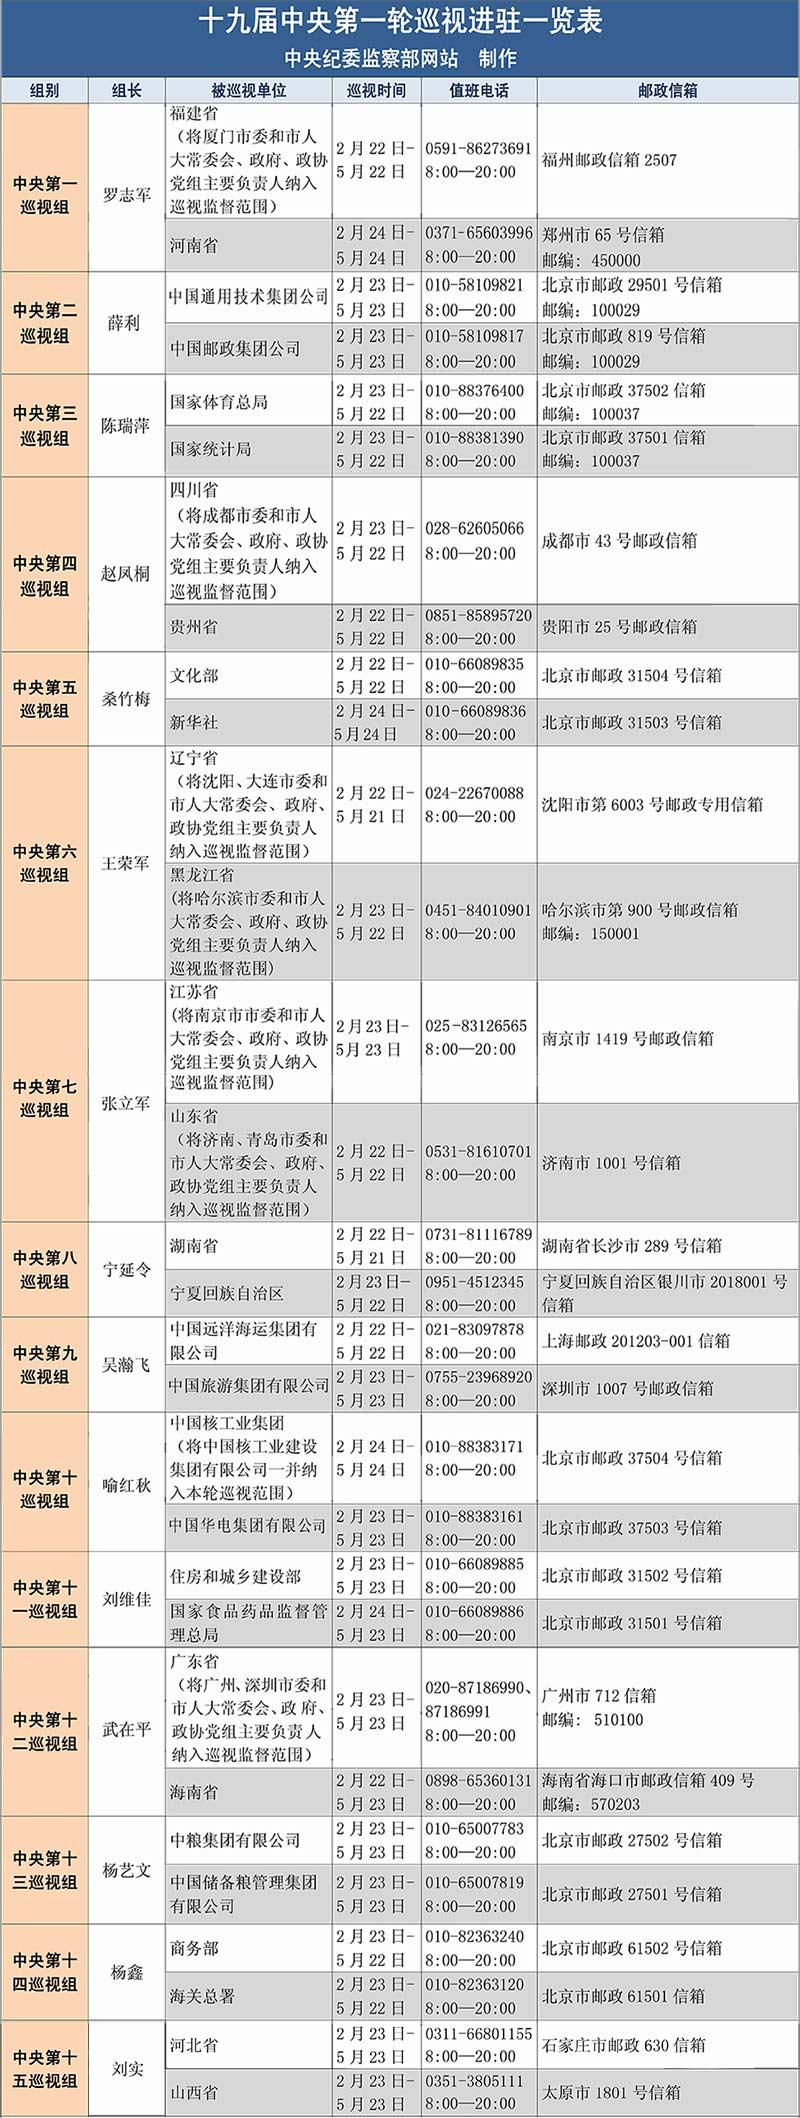 十九屆中央第一輪巡視進駐一覽表